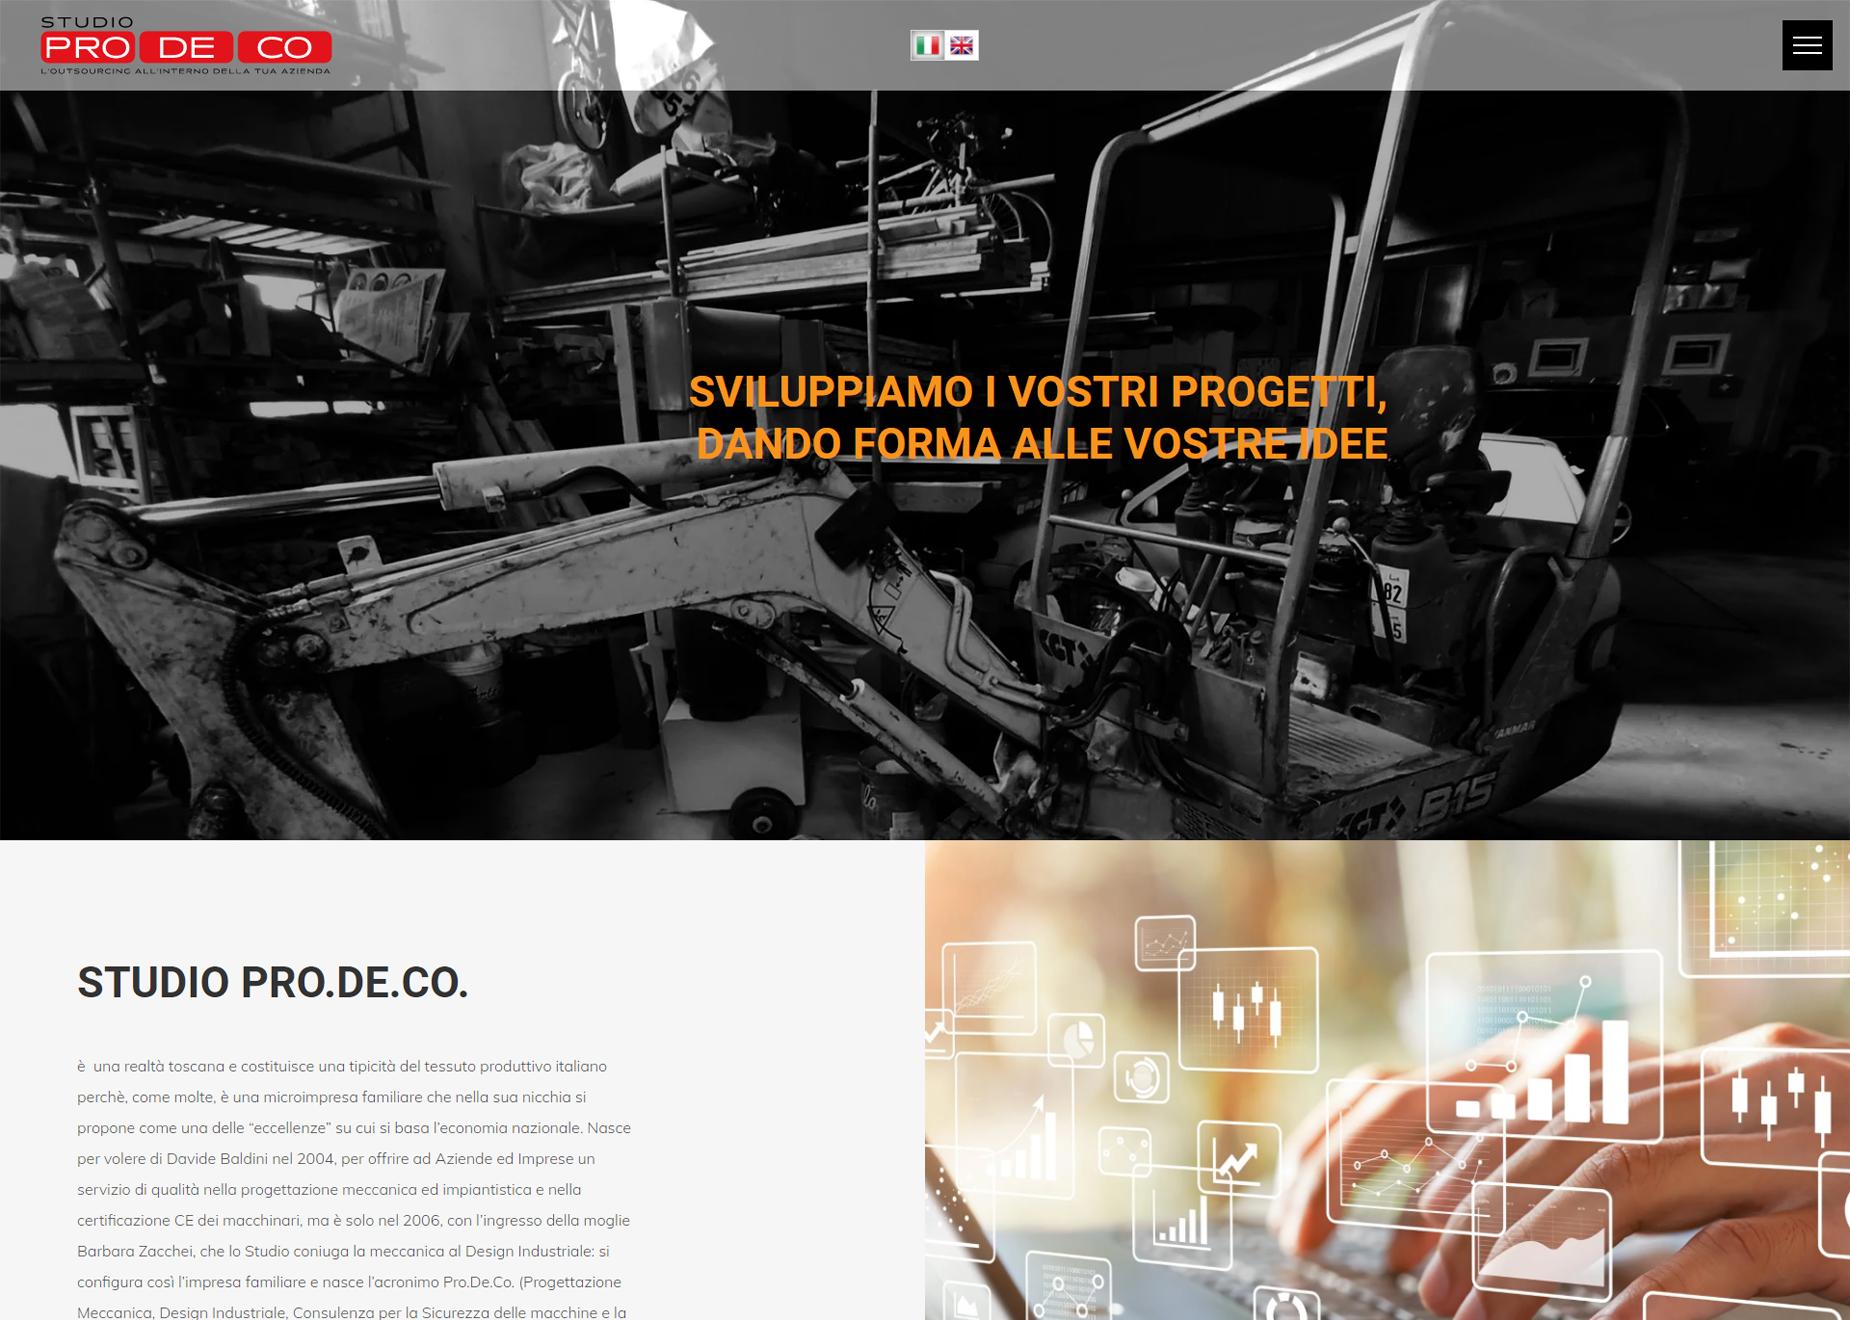 Studio Pro.De.Co